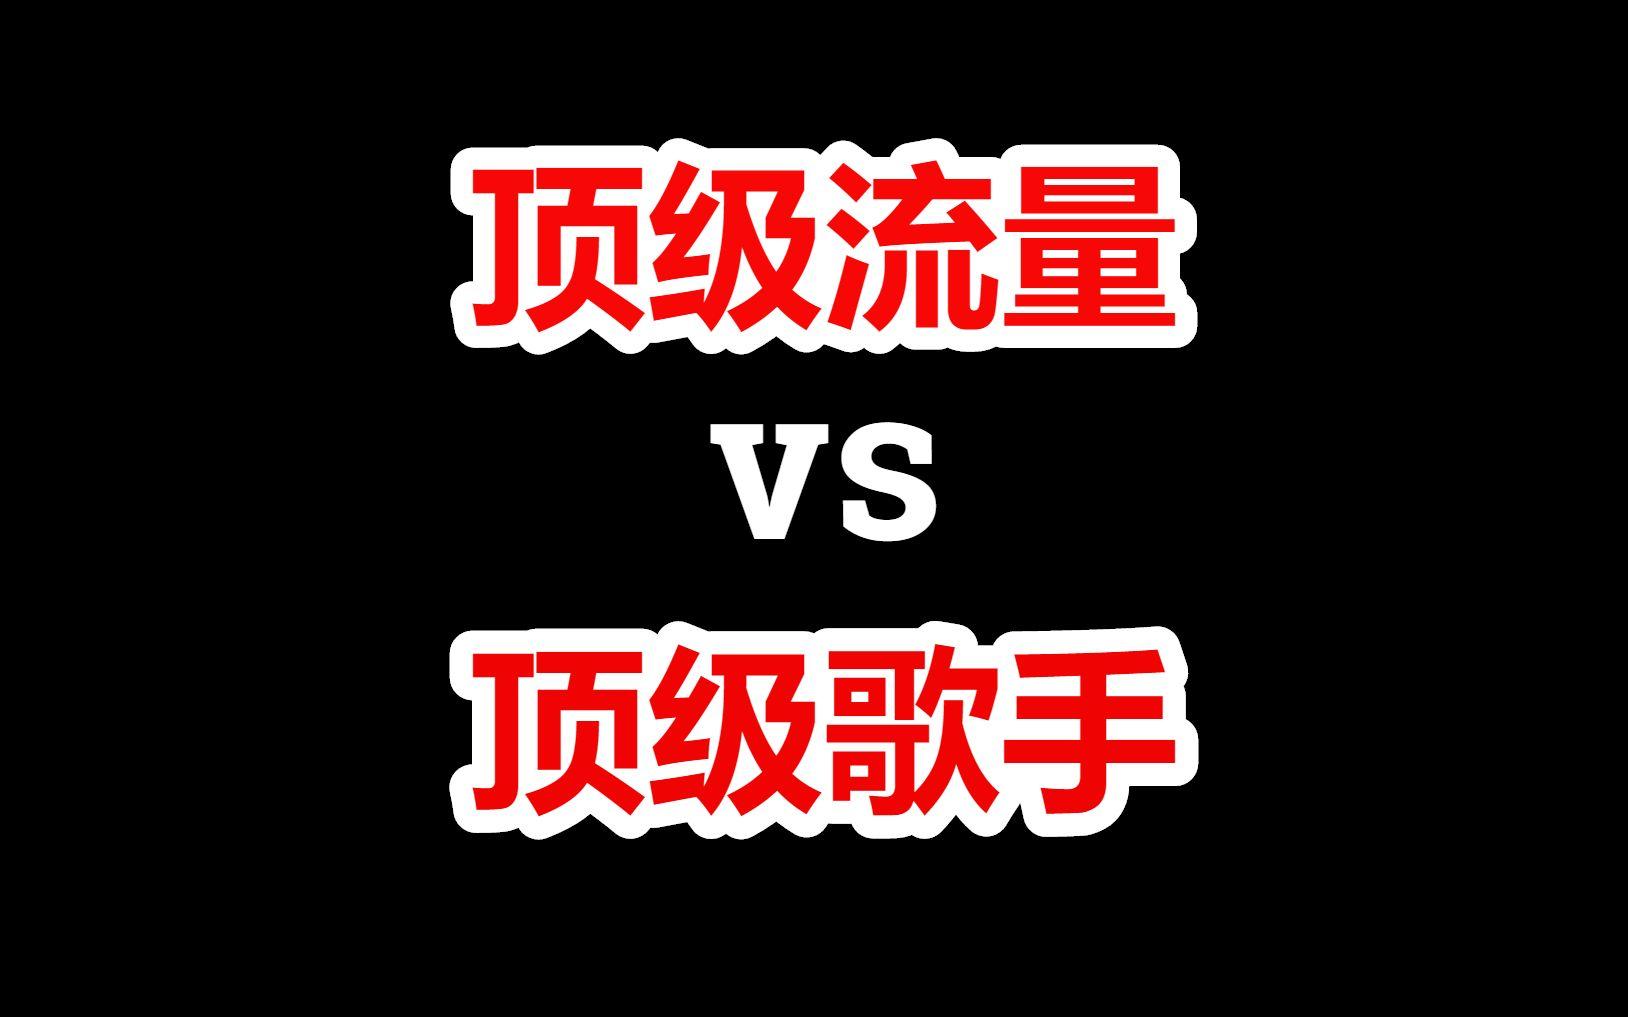 【顶级流量vs顶级歌手】,同一首歌现场对比